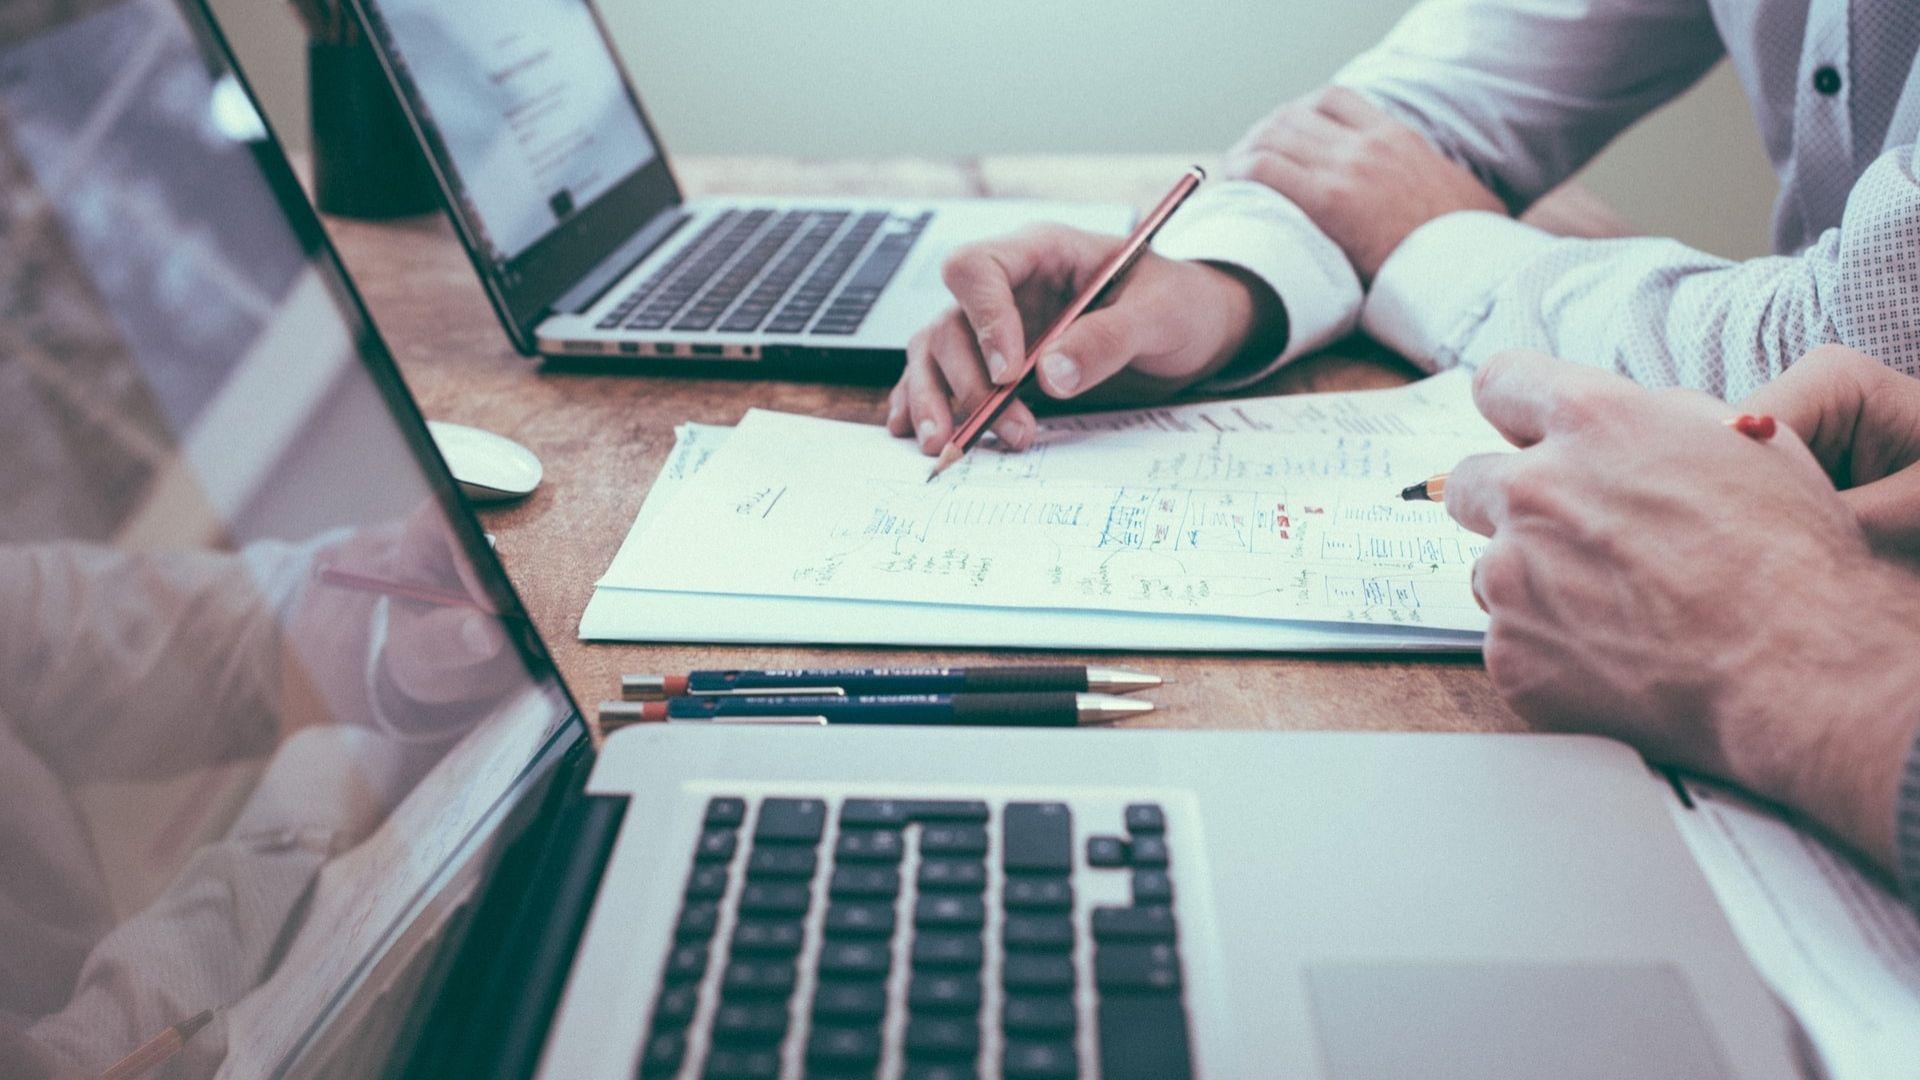 Модульбанк. Документы для открытия счёта Предпринимателям (ИП) и Юридическим лицам (ООО)